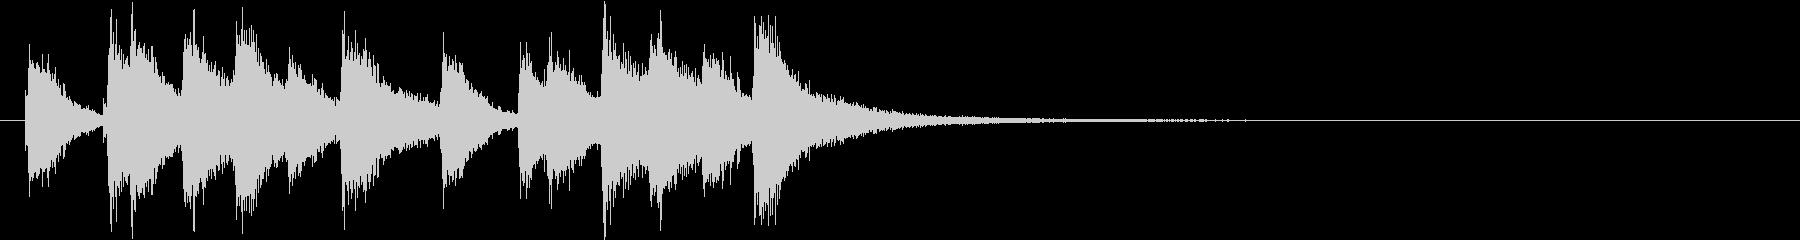 韓国の派手なアジアンシンバルのフレーズ音の未再生の波形